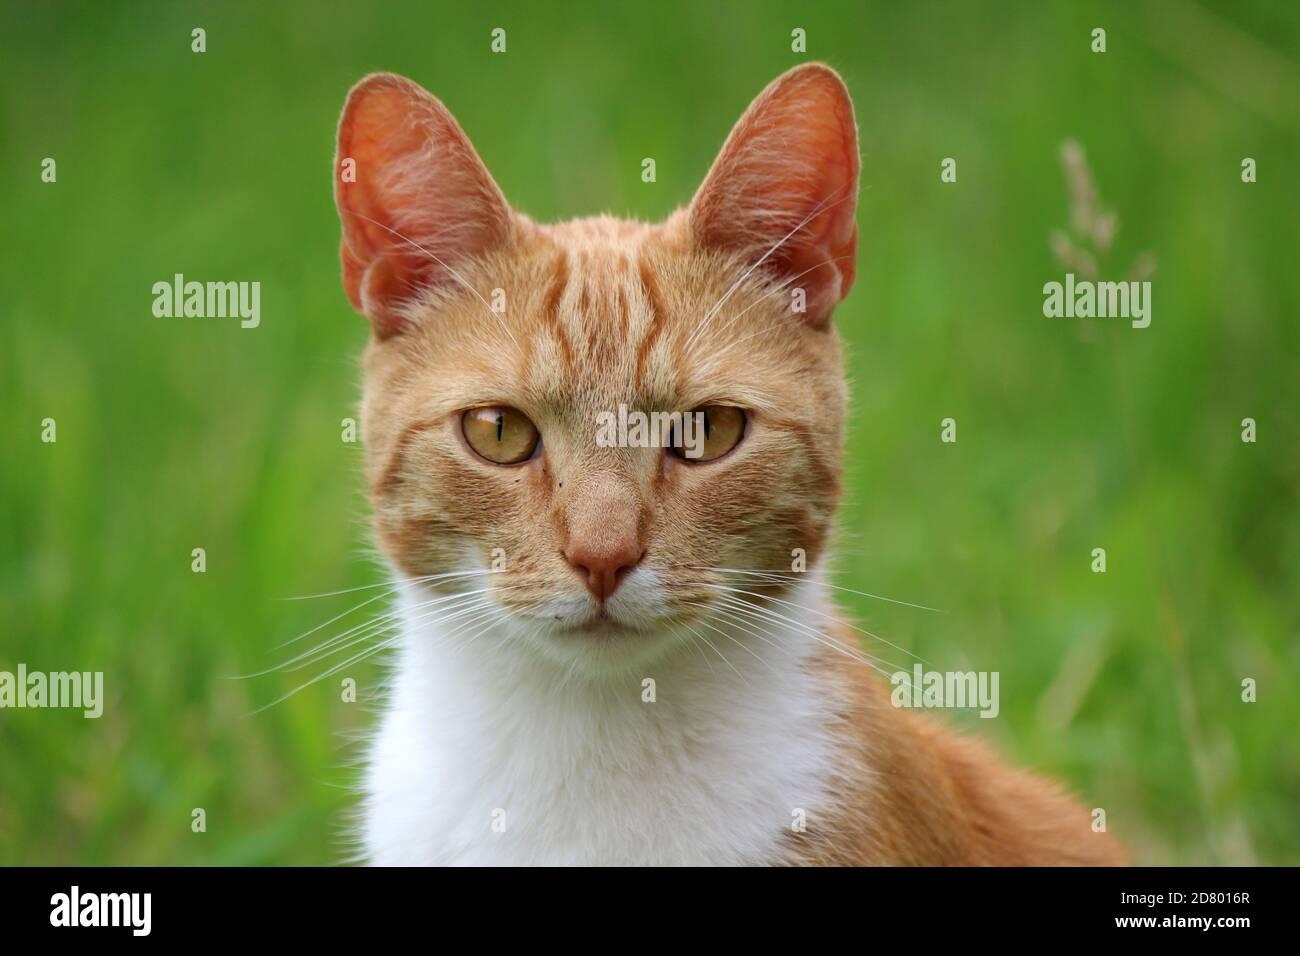 Portrait de chat au gingembre mignon. Fond vert. Photo d'été en plein air. Banque D'Images